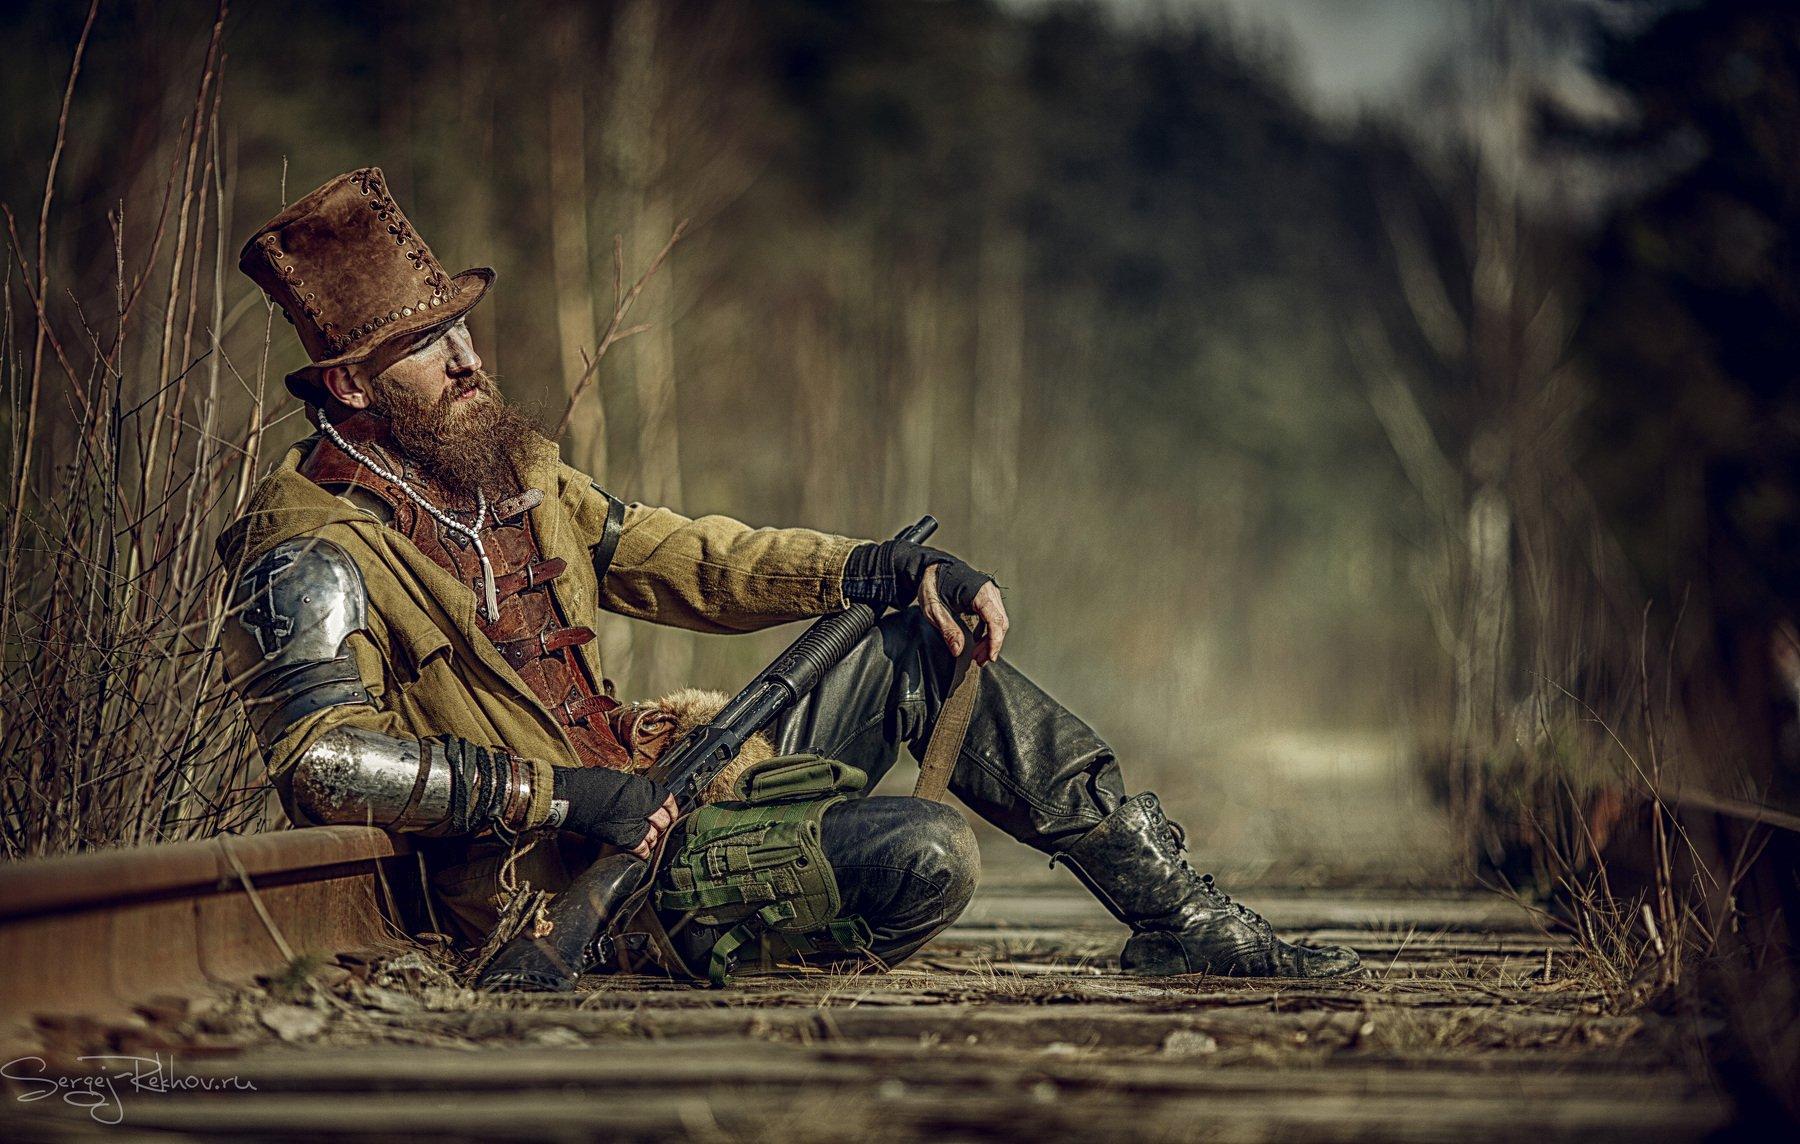 охотник, ведьма, ружьё, привал, Сергей Рехов